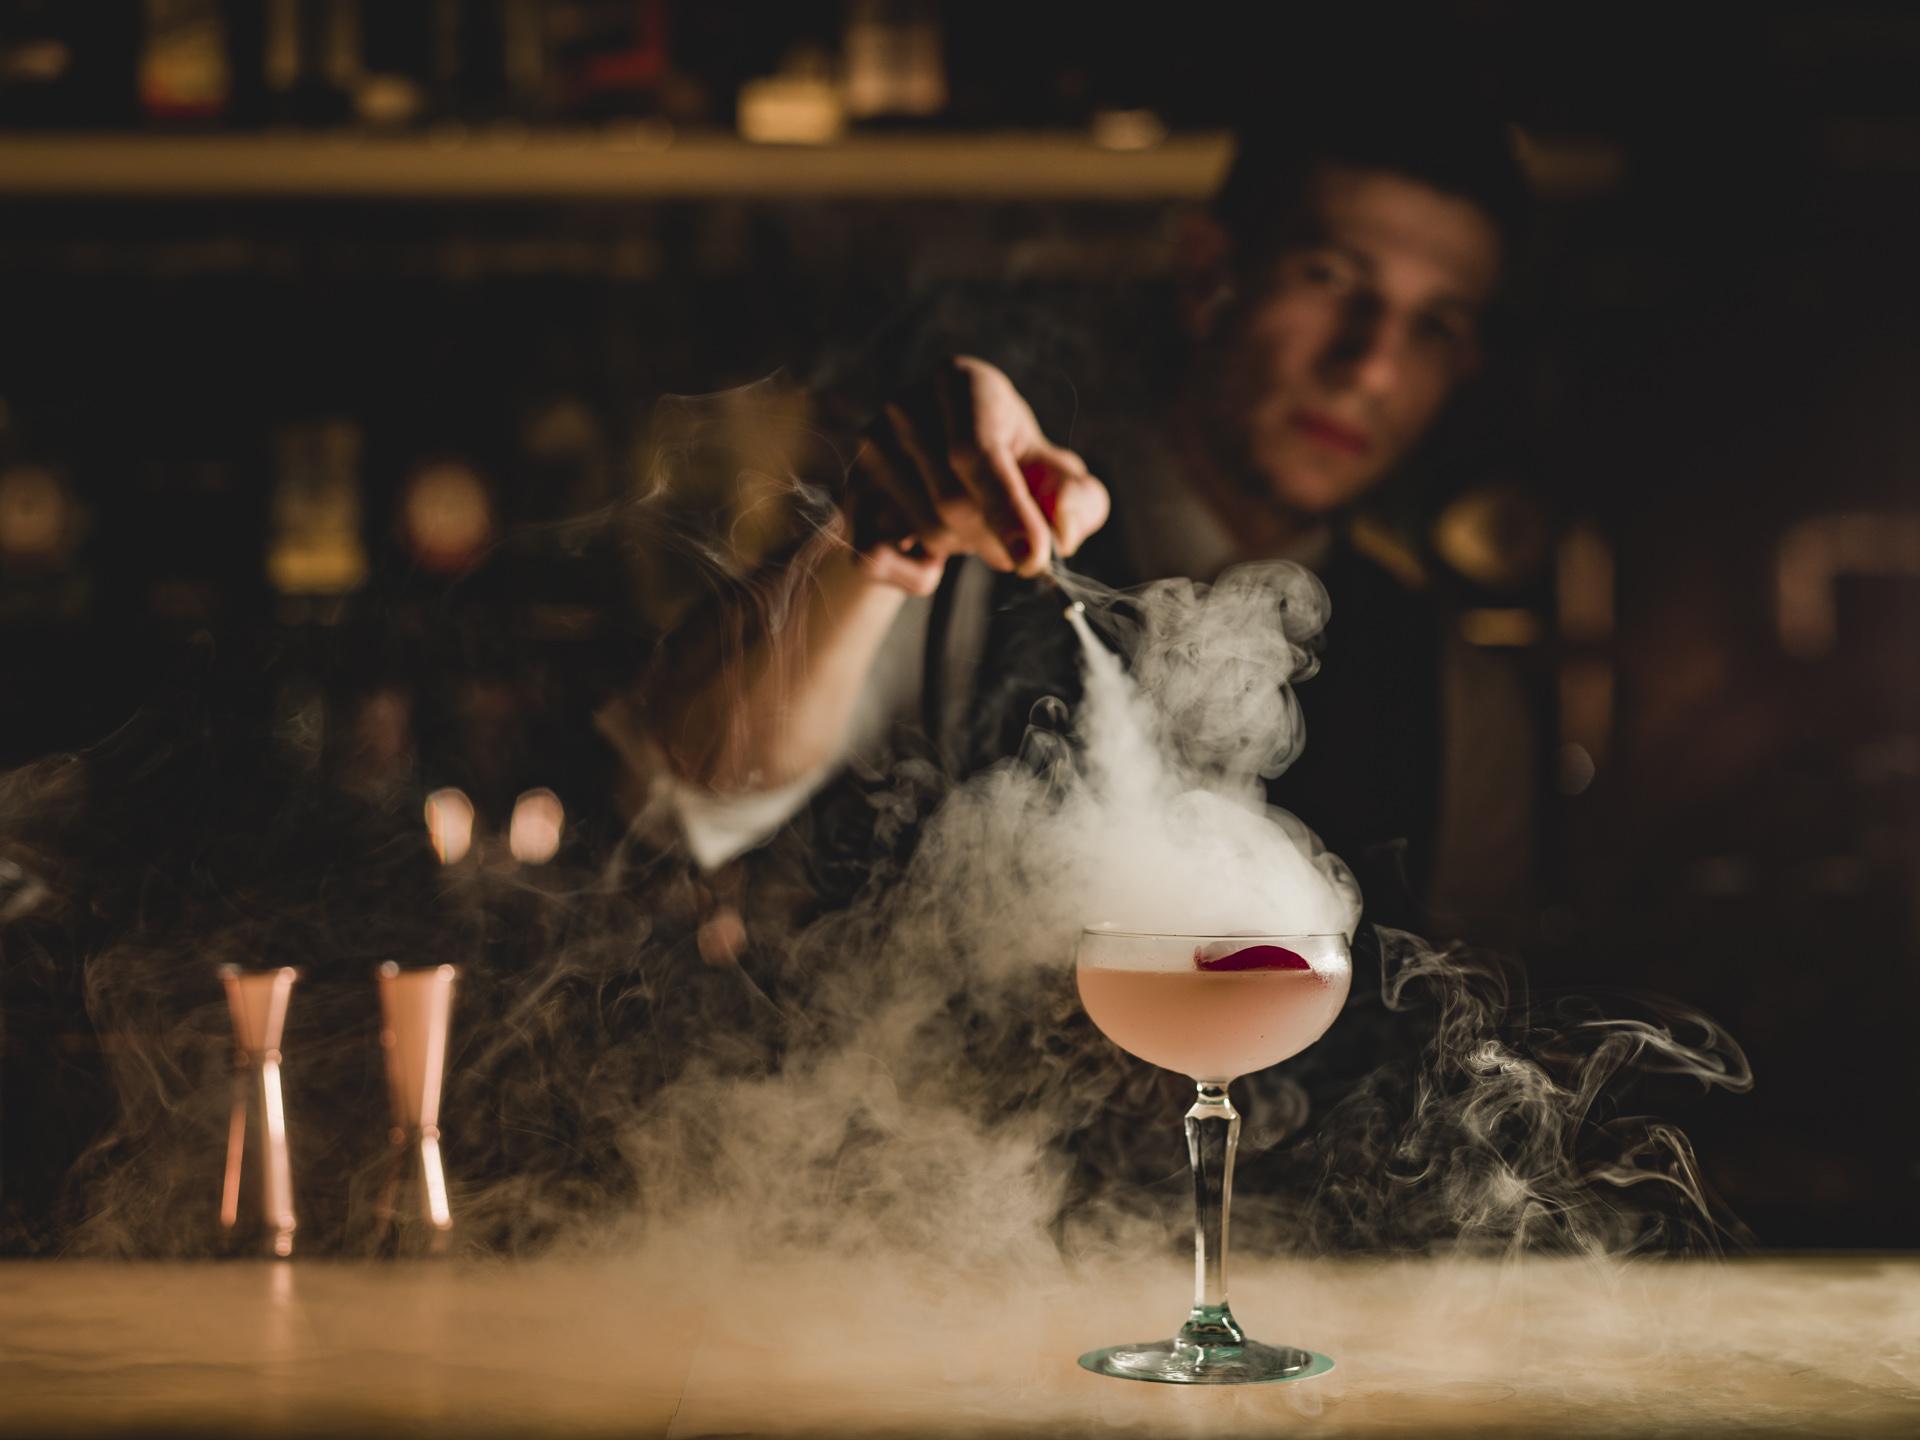 fotografo de cocteles y bartenders